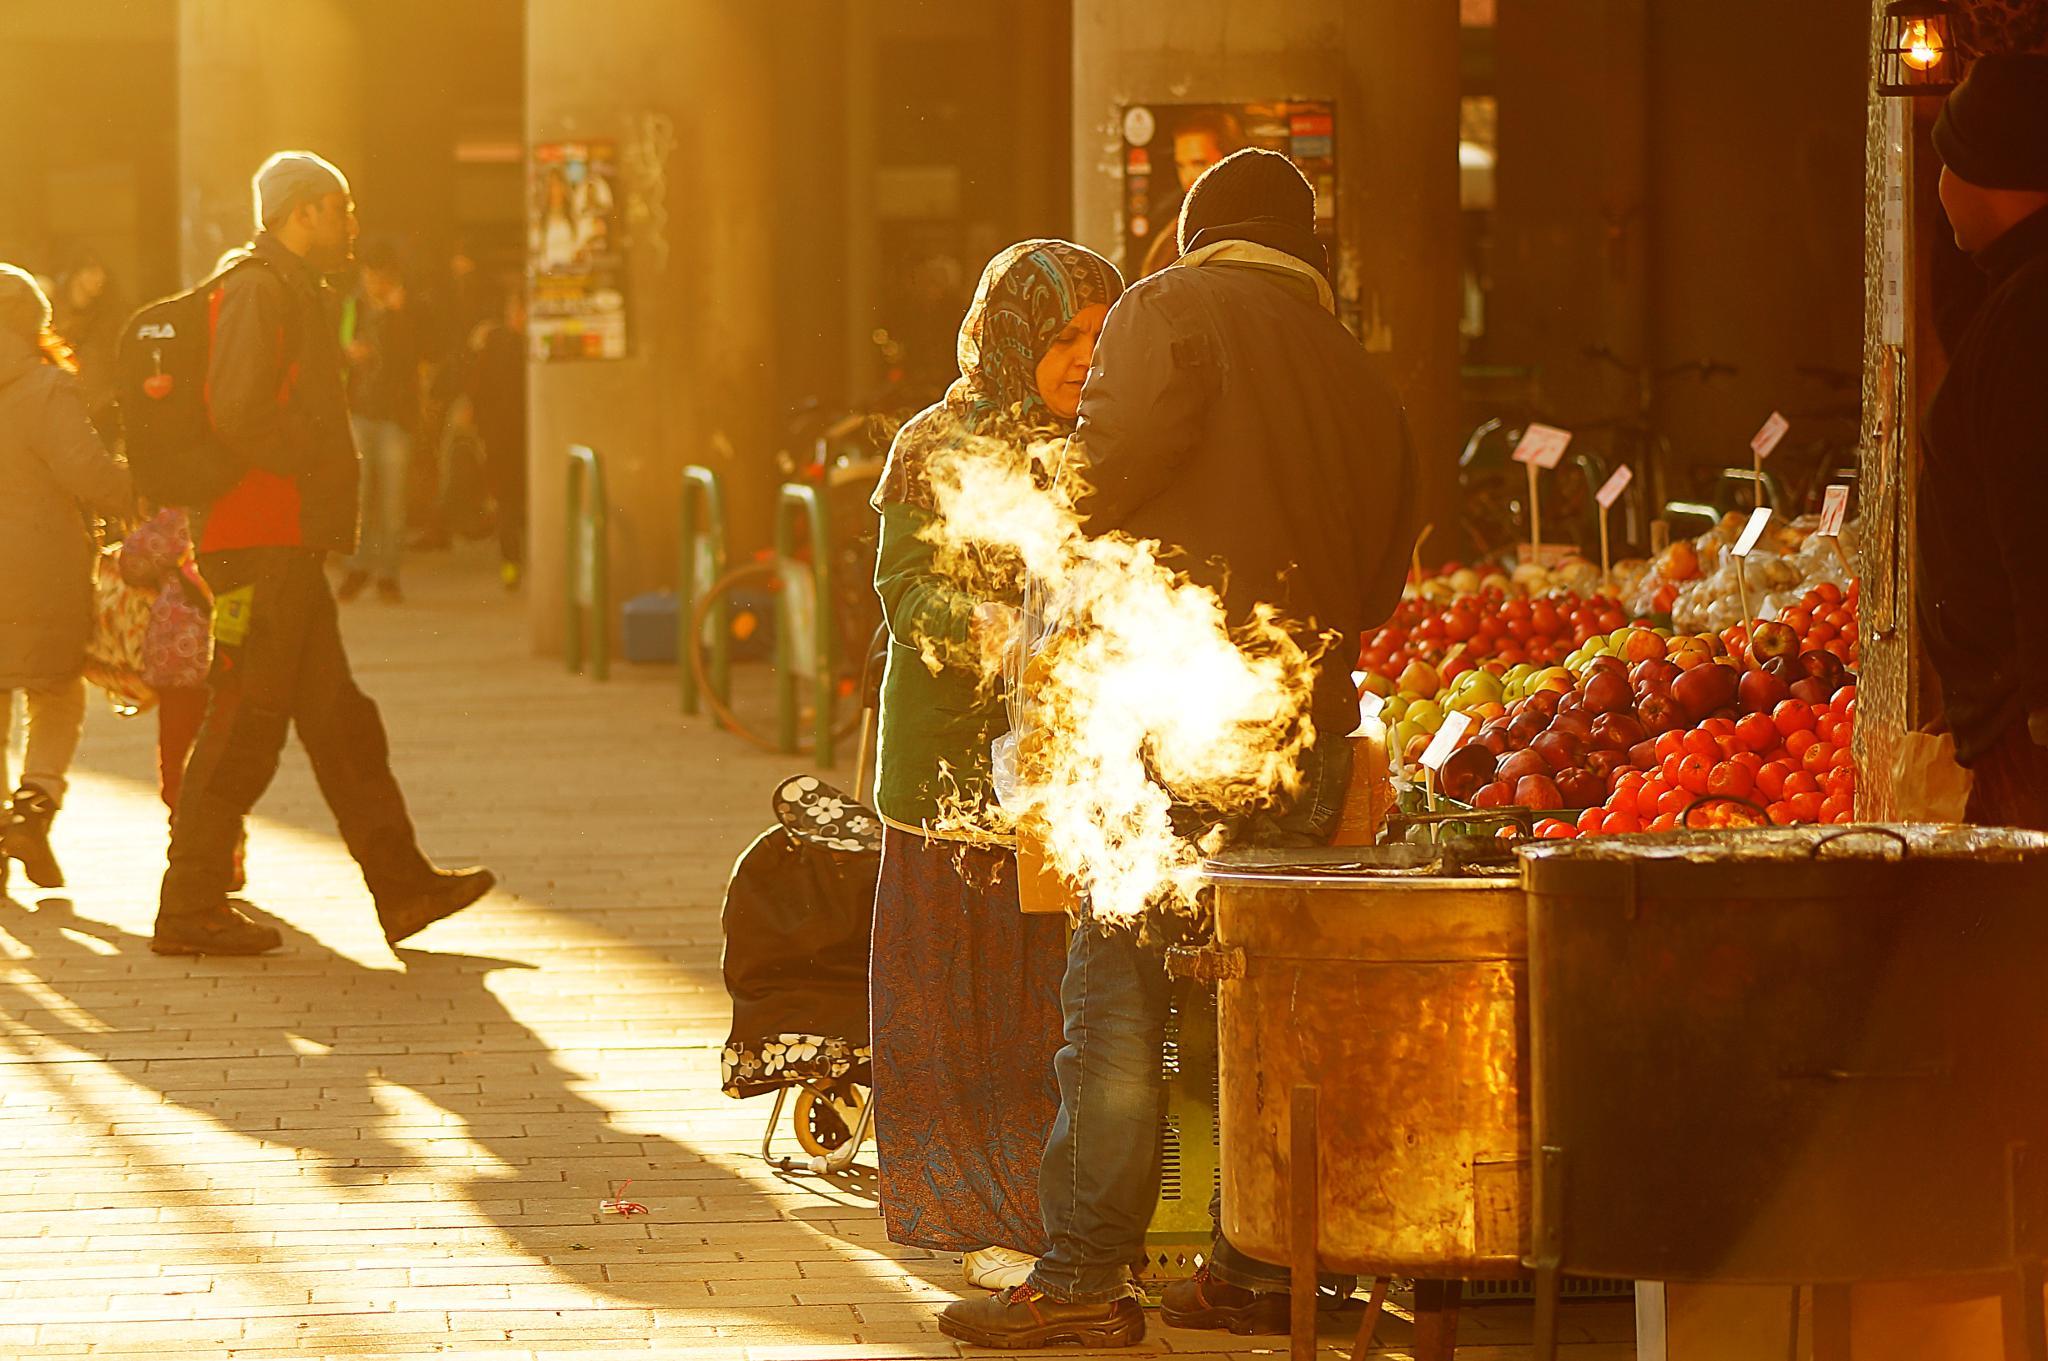 Kurzurlaub am Markt by alexrasser